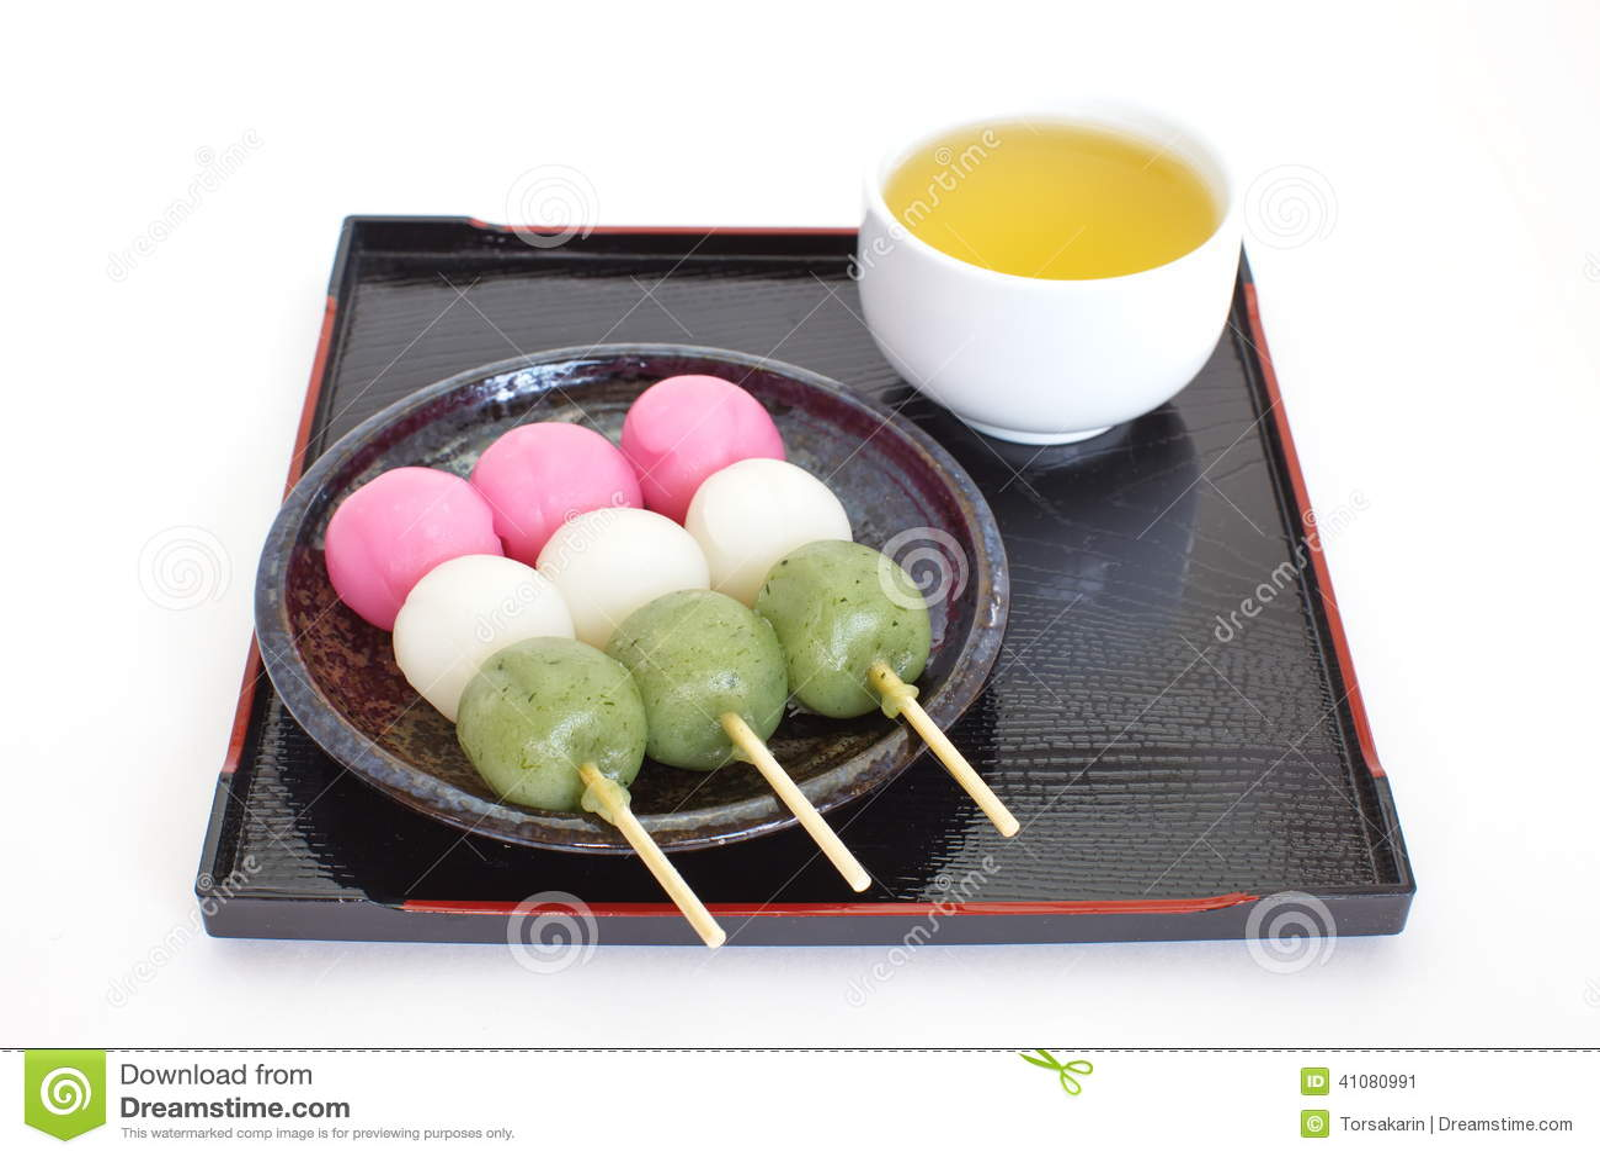 日本甜品大全_由米粉做的dango日本饺子和甜点.